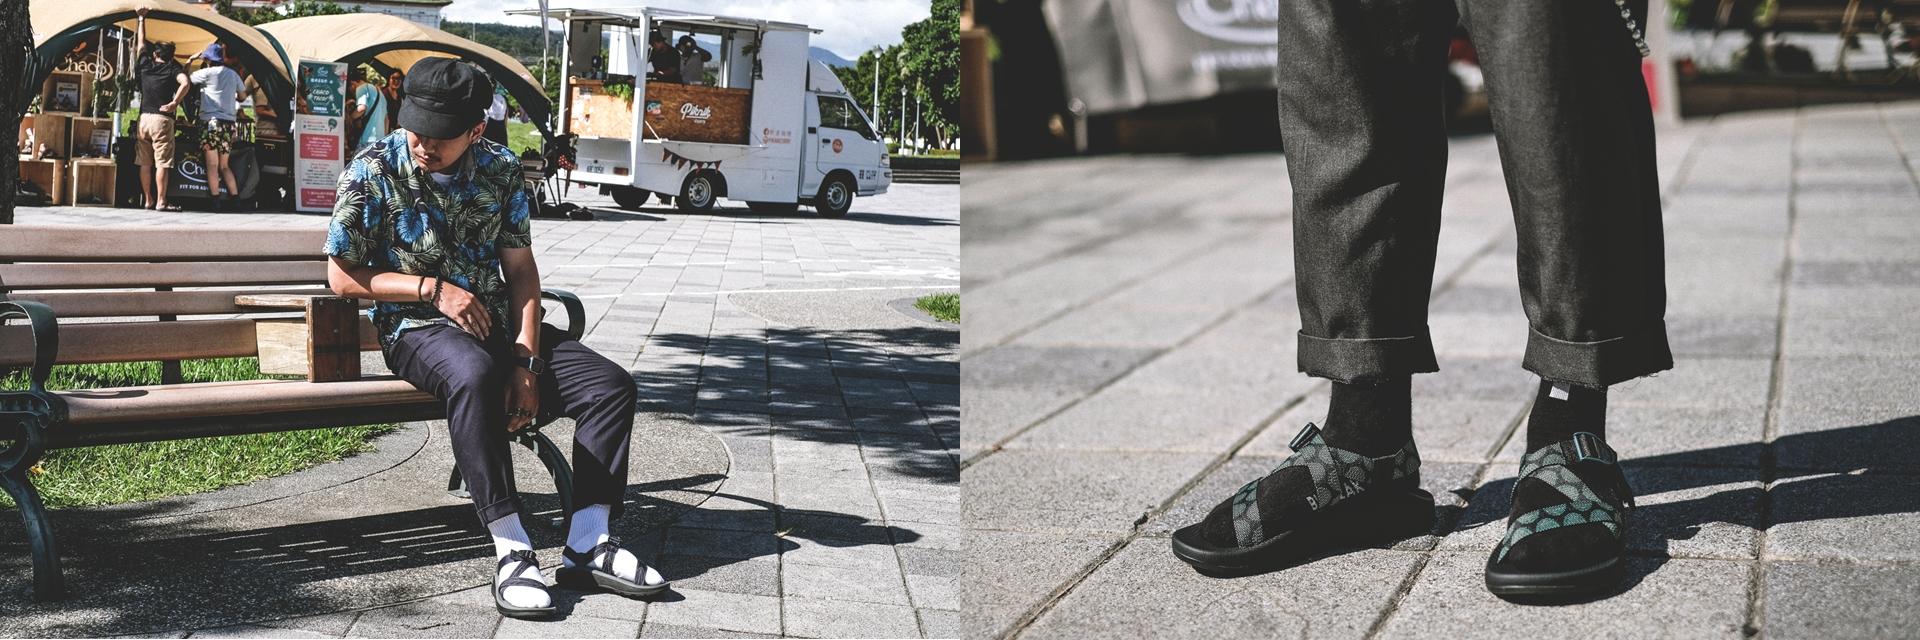 連 APE、Stussy 都指定聯名的頂級涼鞋!號稱涼鞋界勞斯萊斯的 Chaco 要免費送你涼鞋體驗戶外